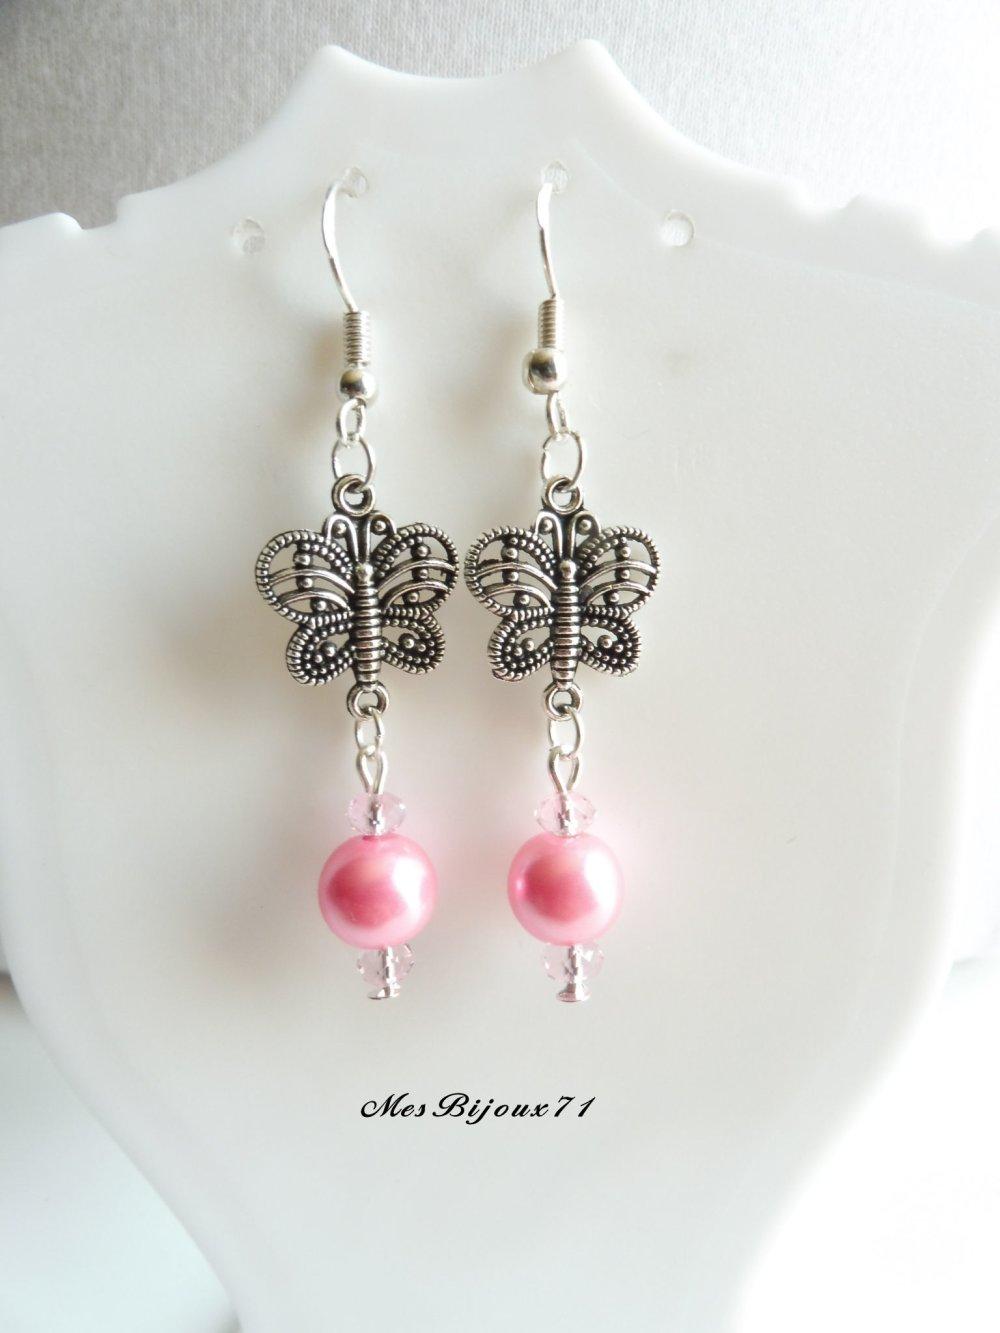 Parure rose clair sautoir et boucles d'oreilles papillon, bijoux rose